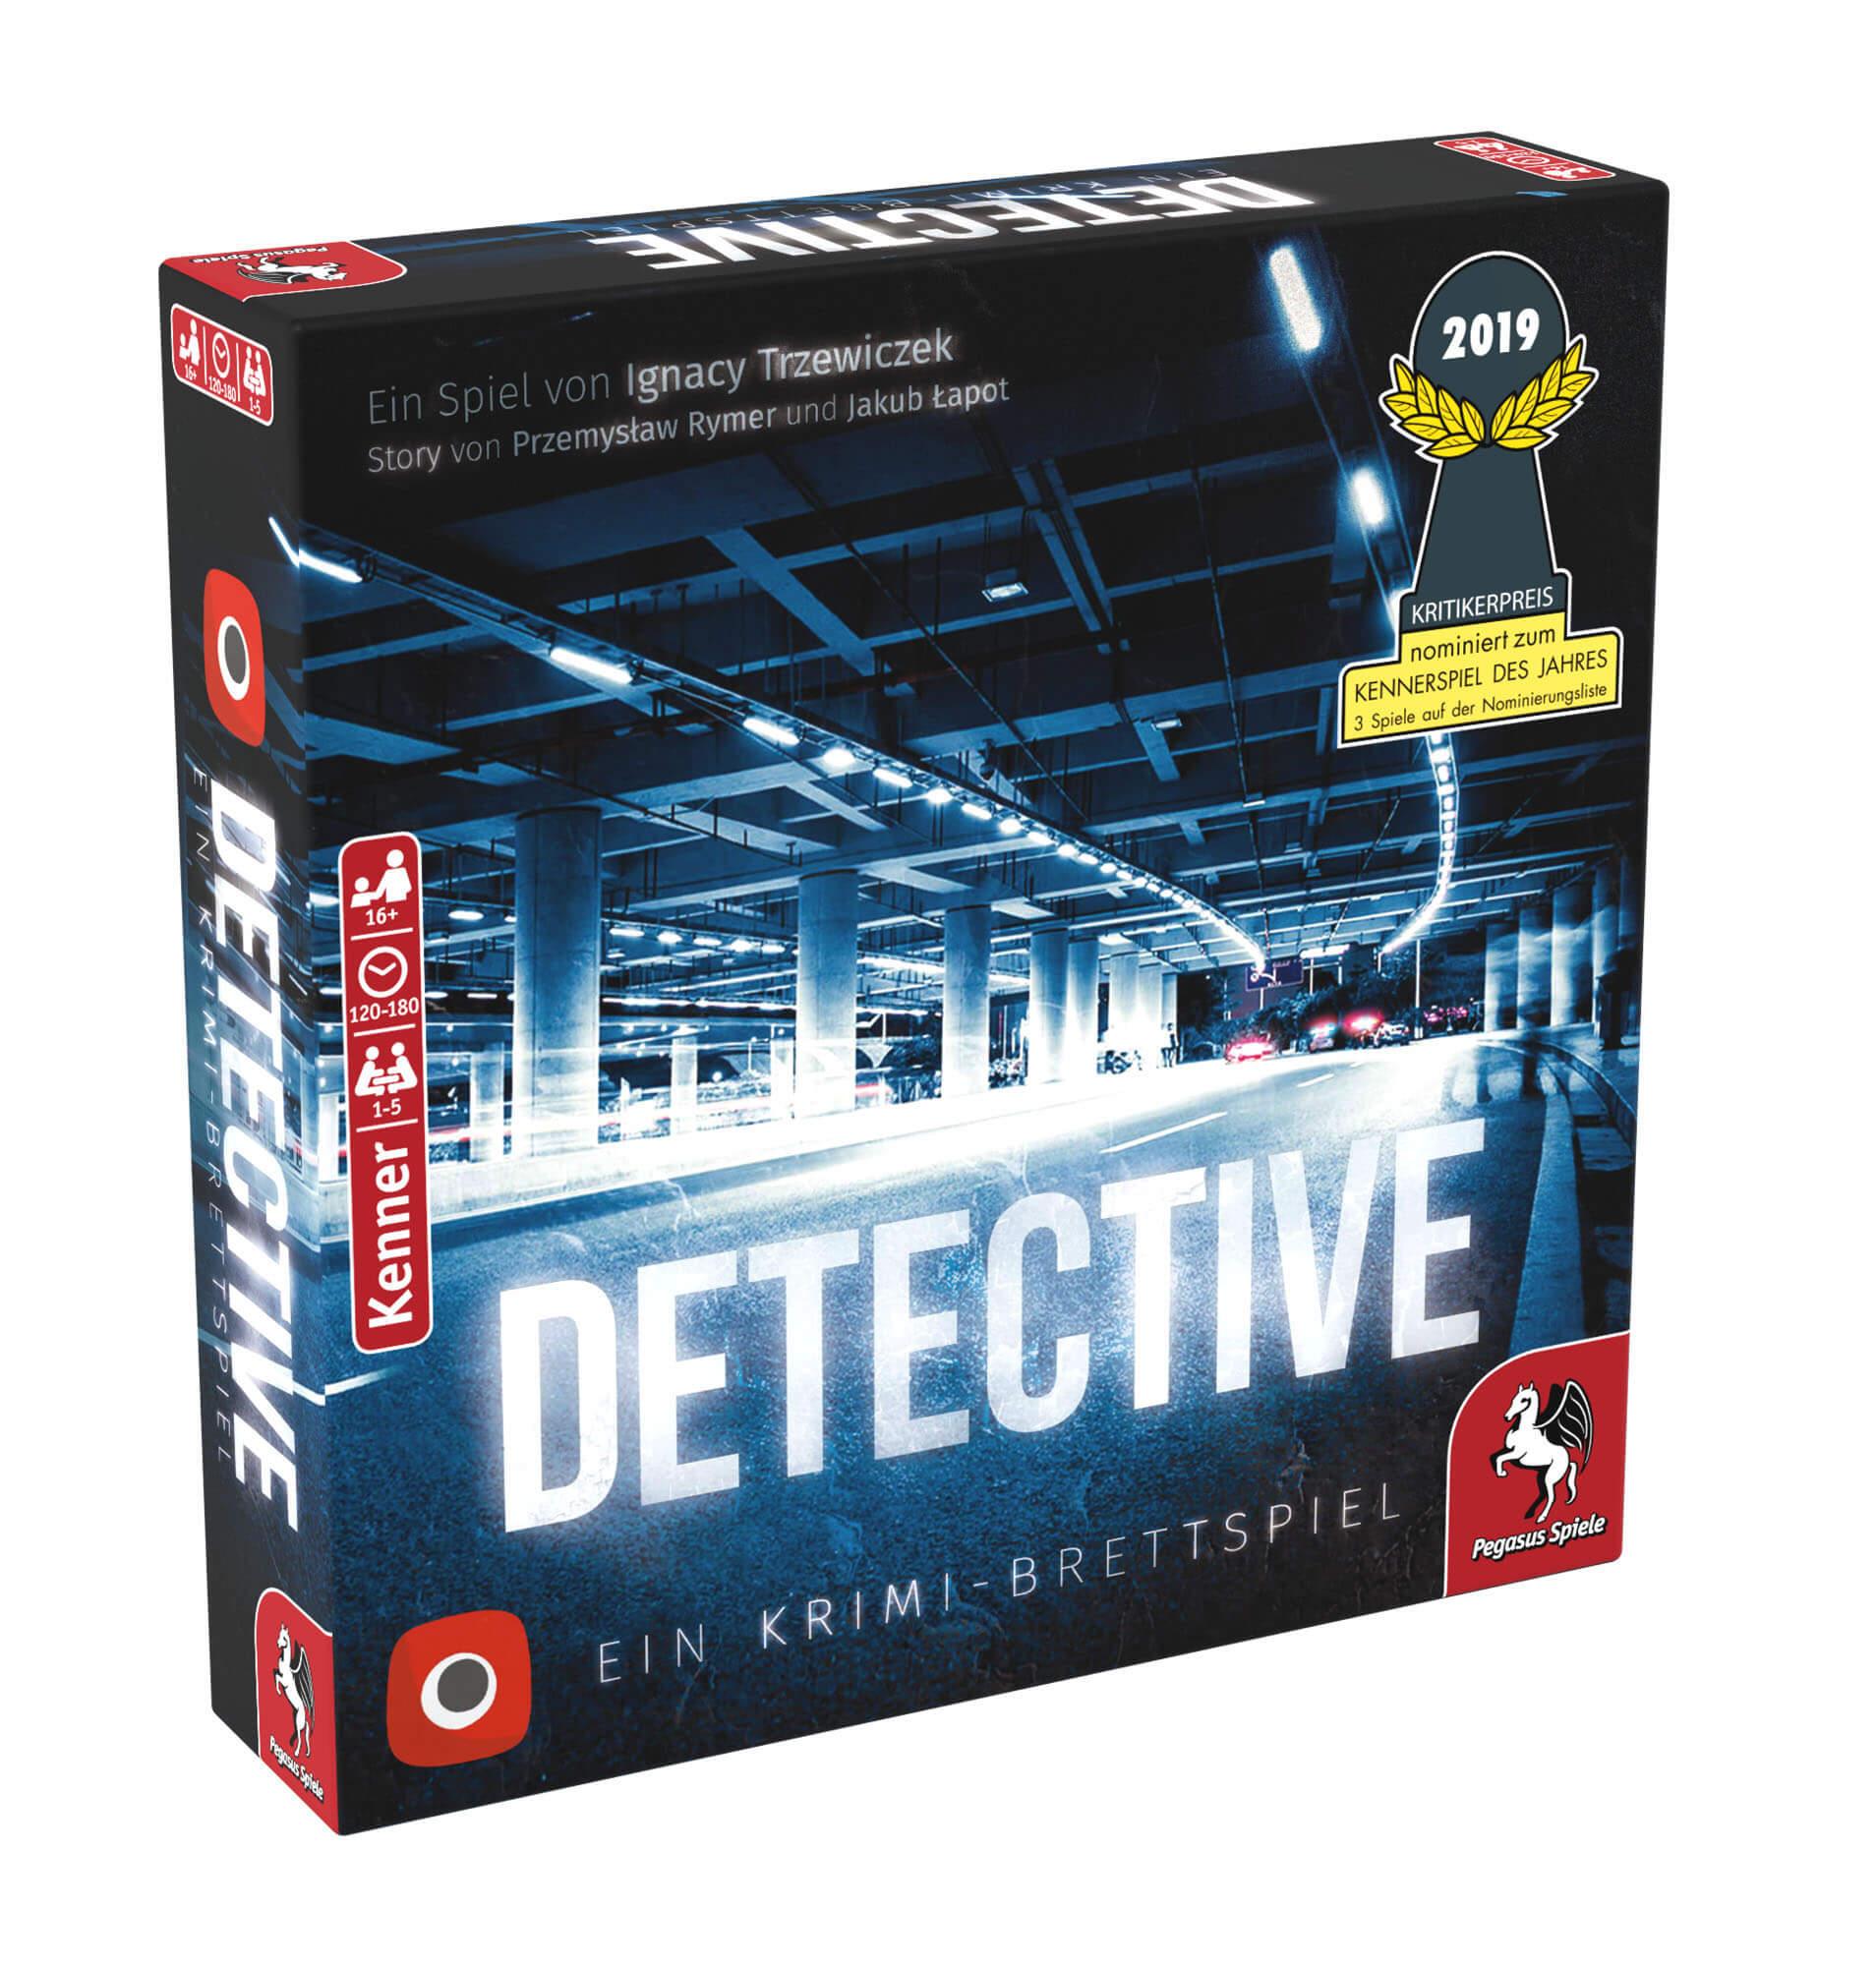 Schachtel Vorderseite rechts- Detective – Ein Krimi-Brettspiel